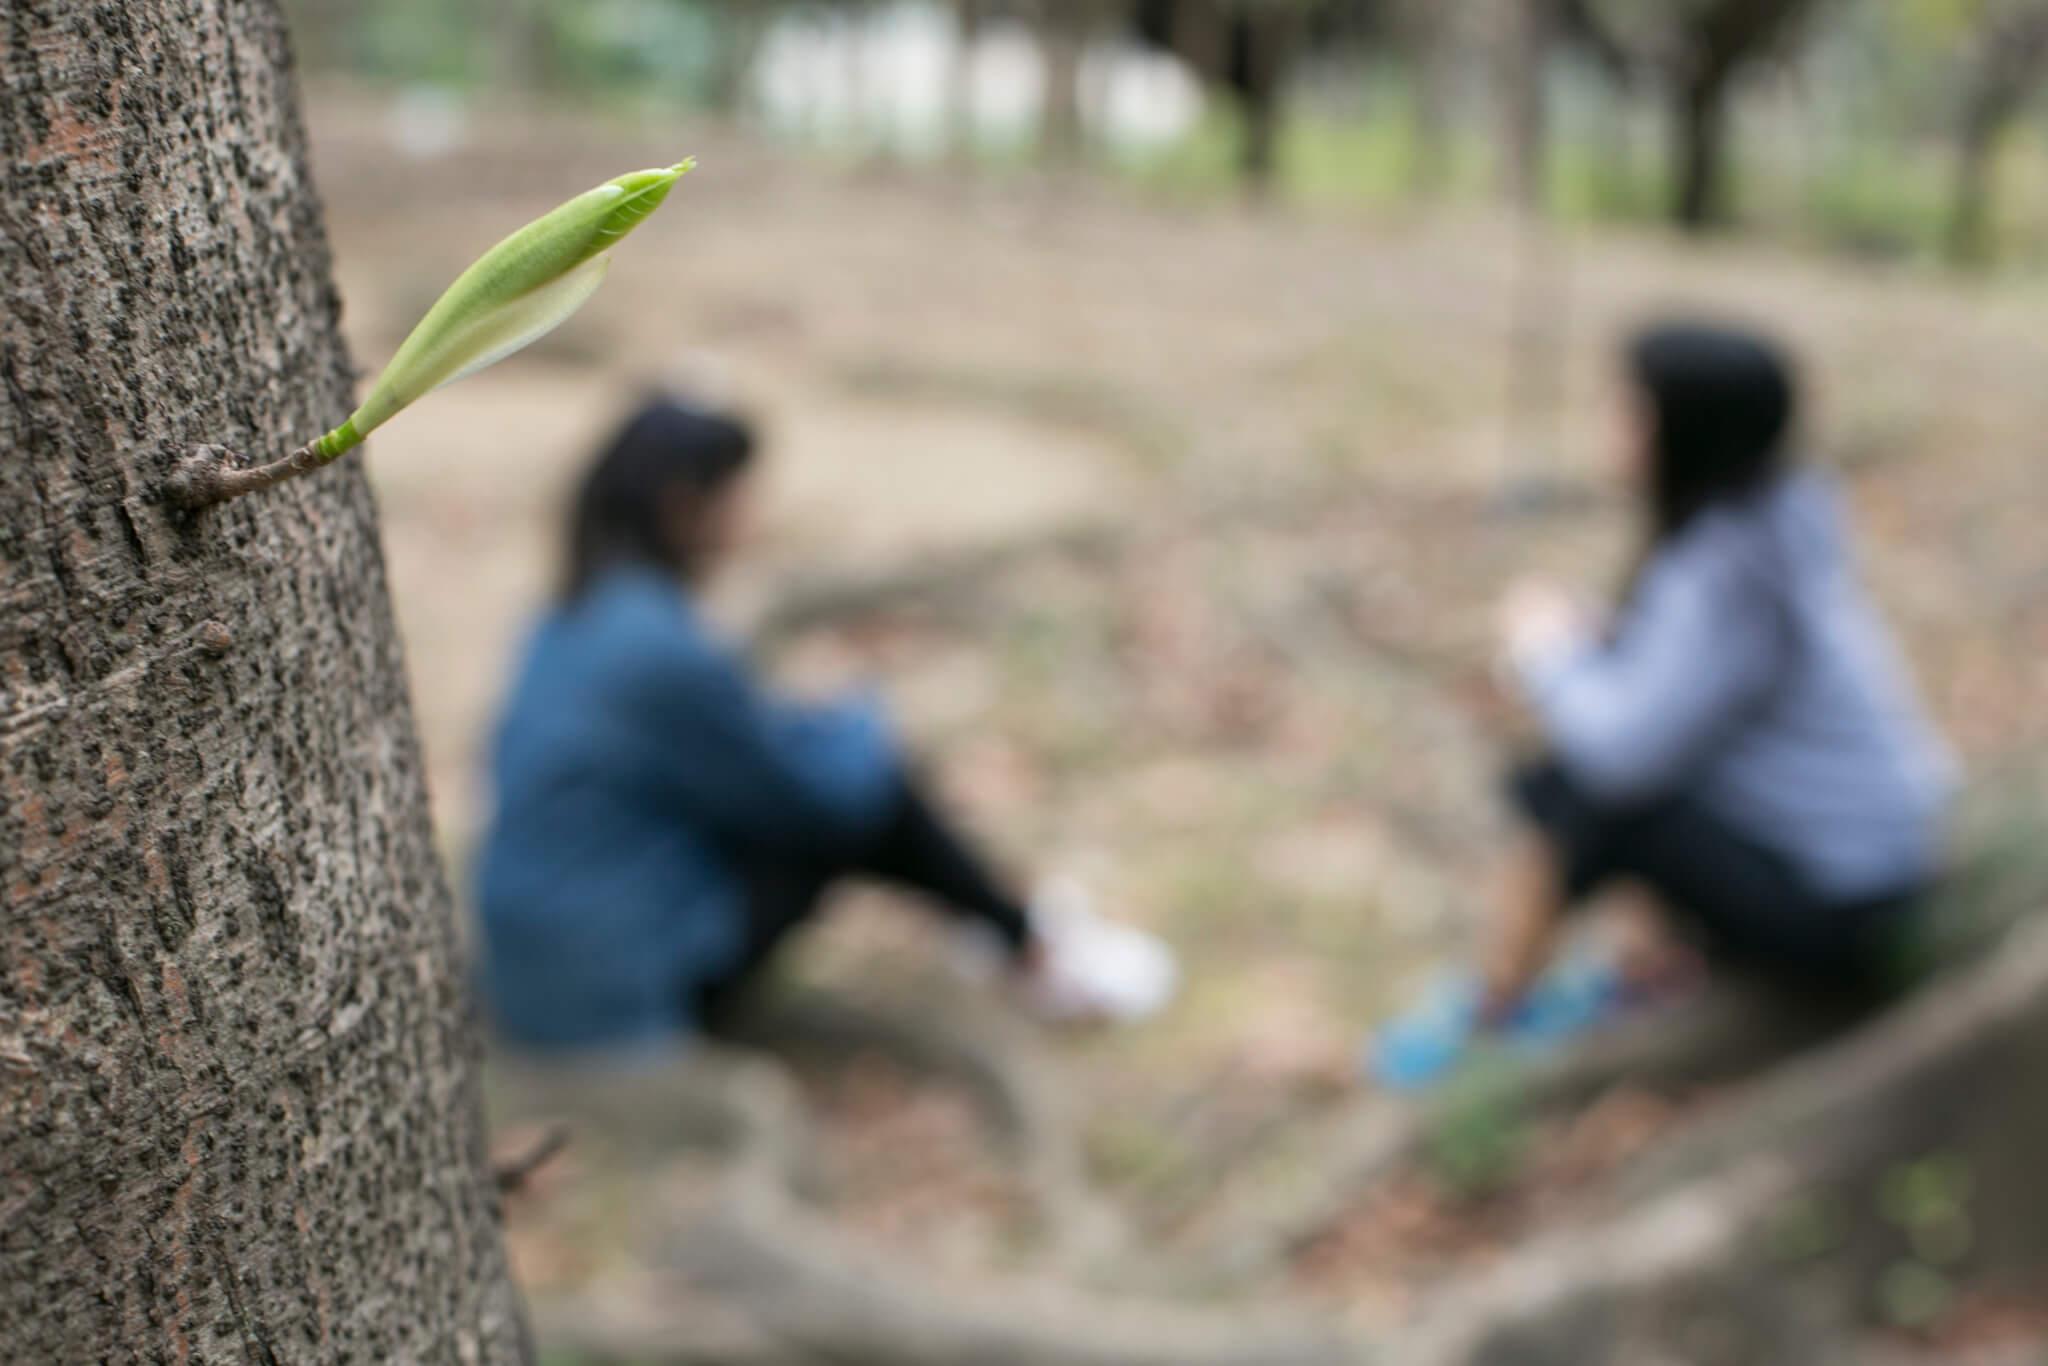 縱然傷口難以結痂,但阿哲發現透過傾訴,可以令彼此找到慰藉,如絕處栽花。